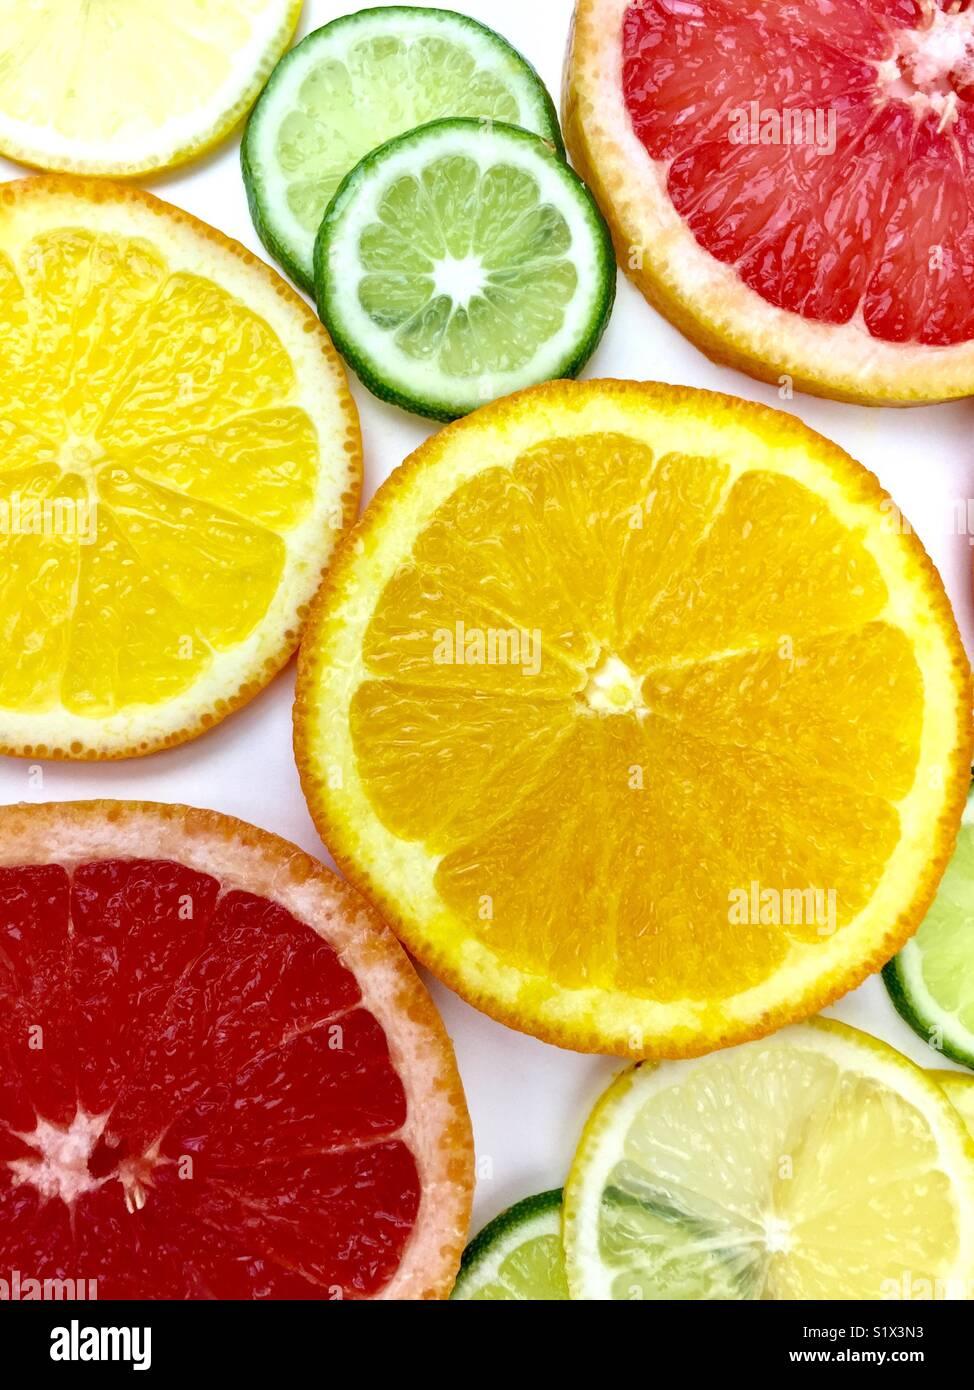 Fatias de frutas cítricas em um fundo branco Imagens de Stock